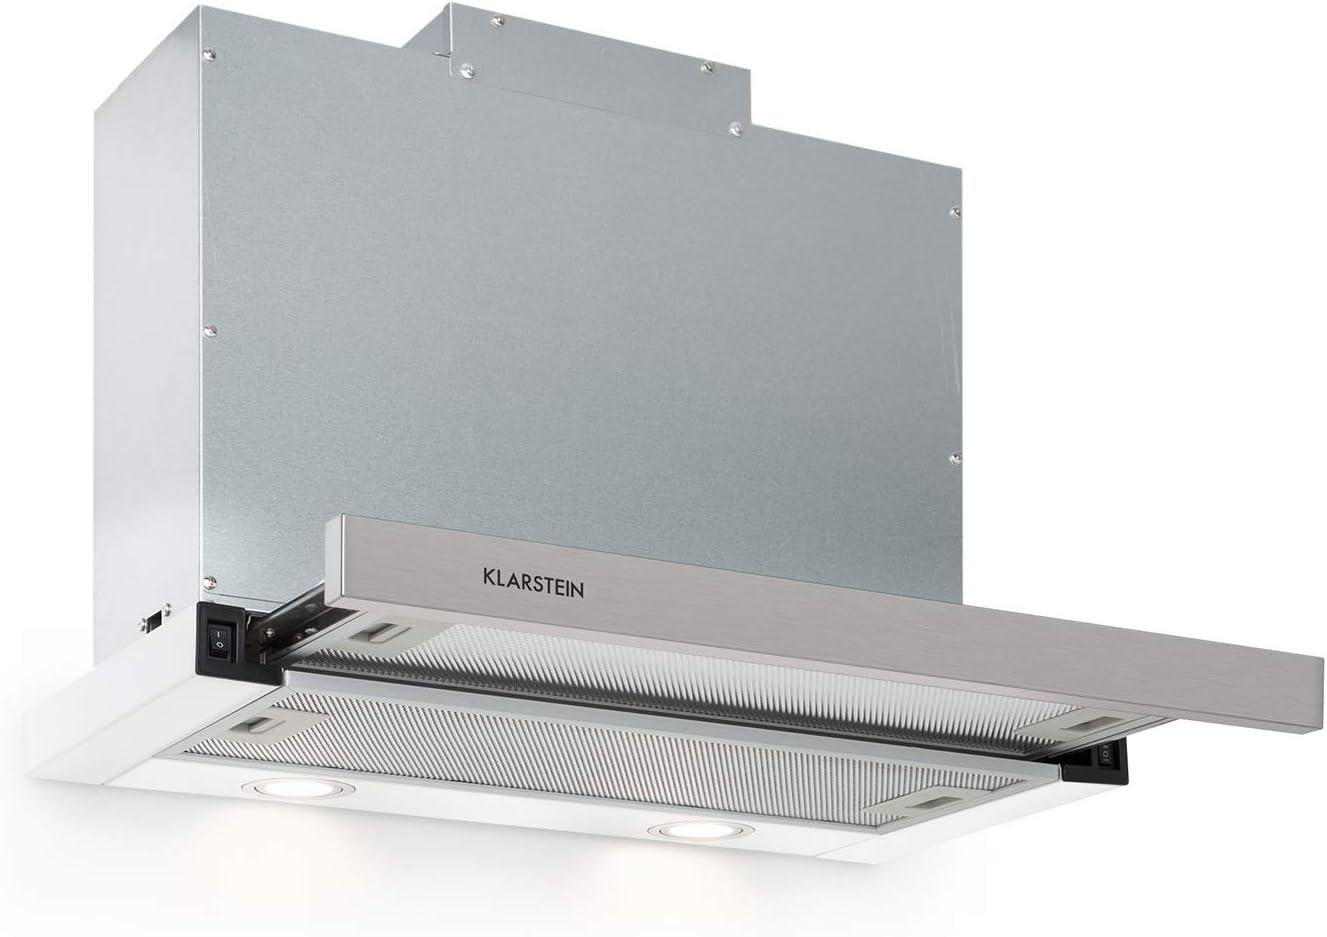 Klarstein Mariana 60 Extractor de humos plano - 60 cm, clase C, 500 m³/h, extracción y ventilación, luces LED, botones, bajo mueble, blanco